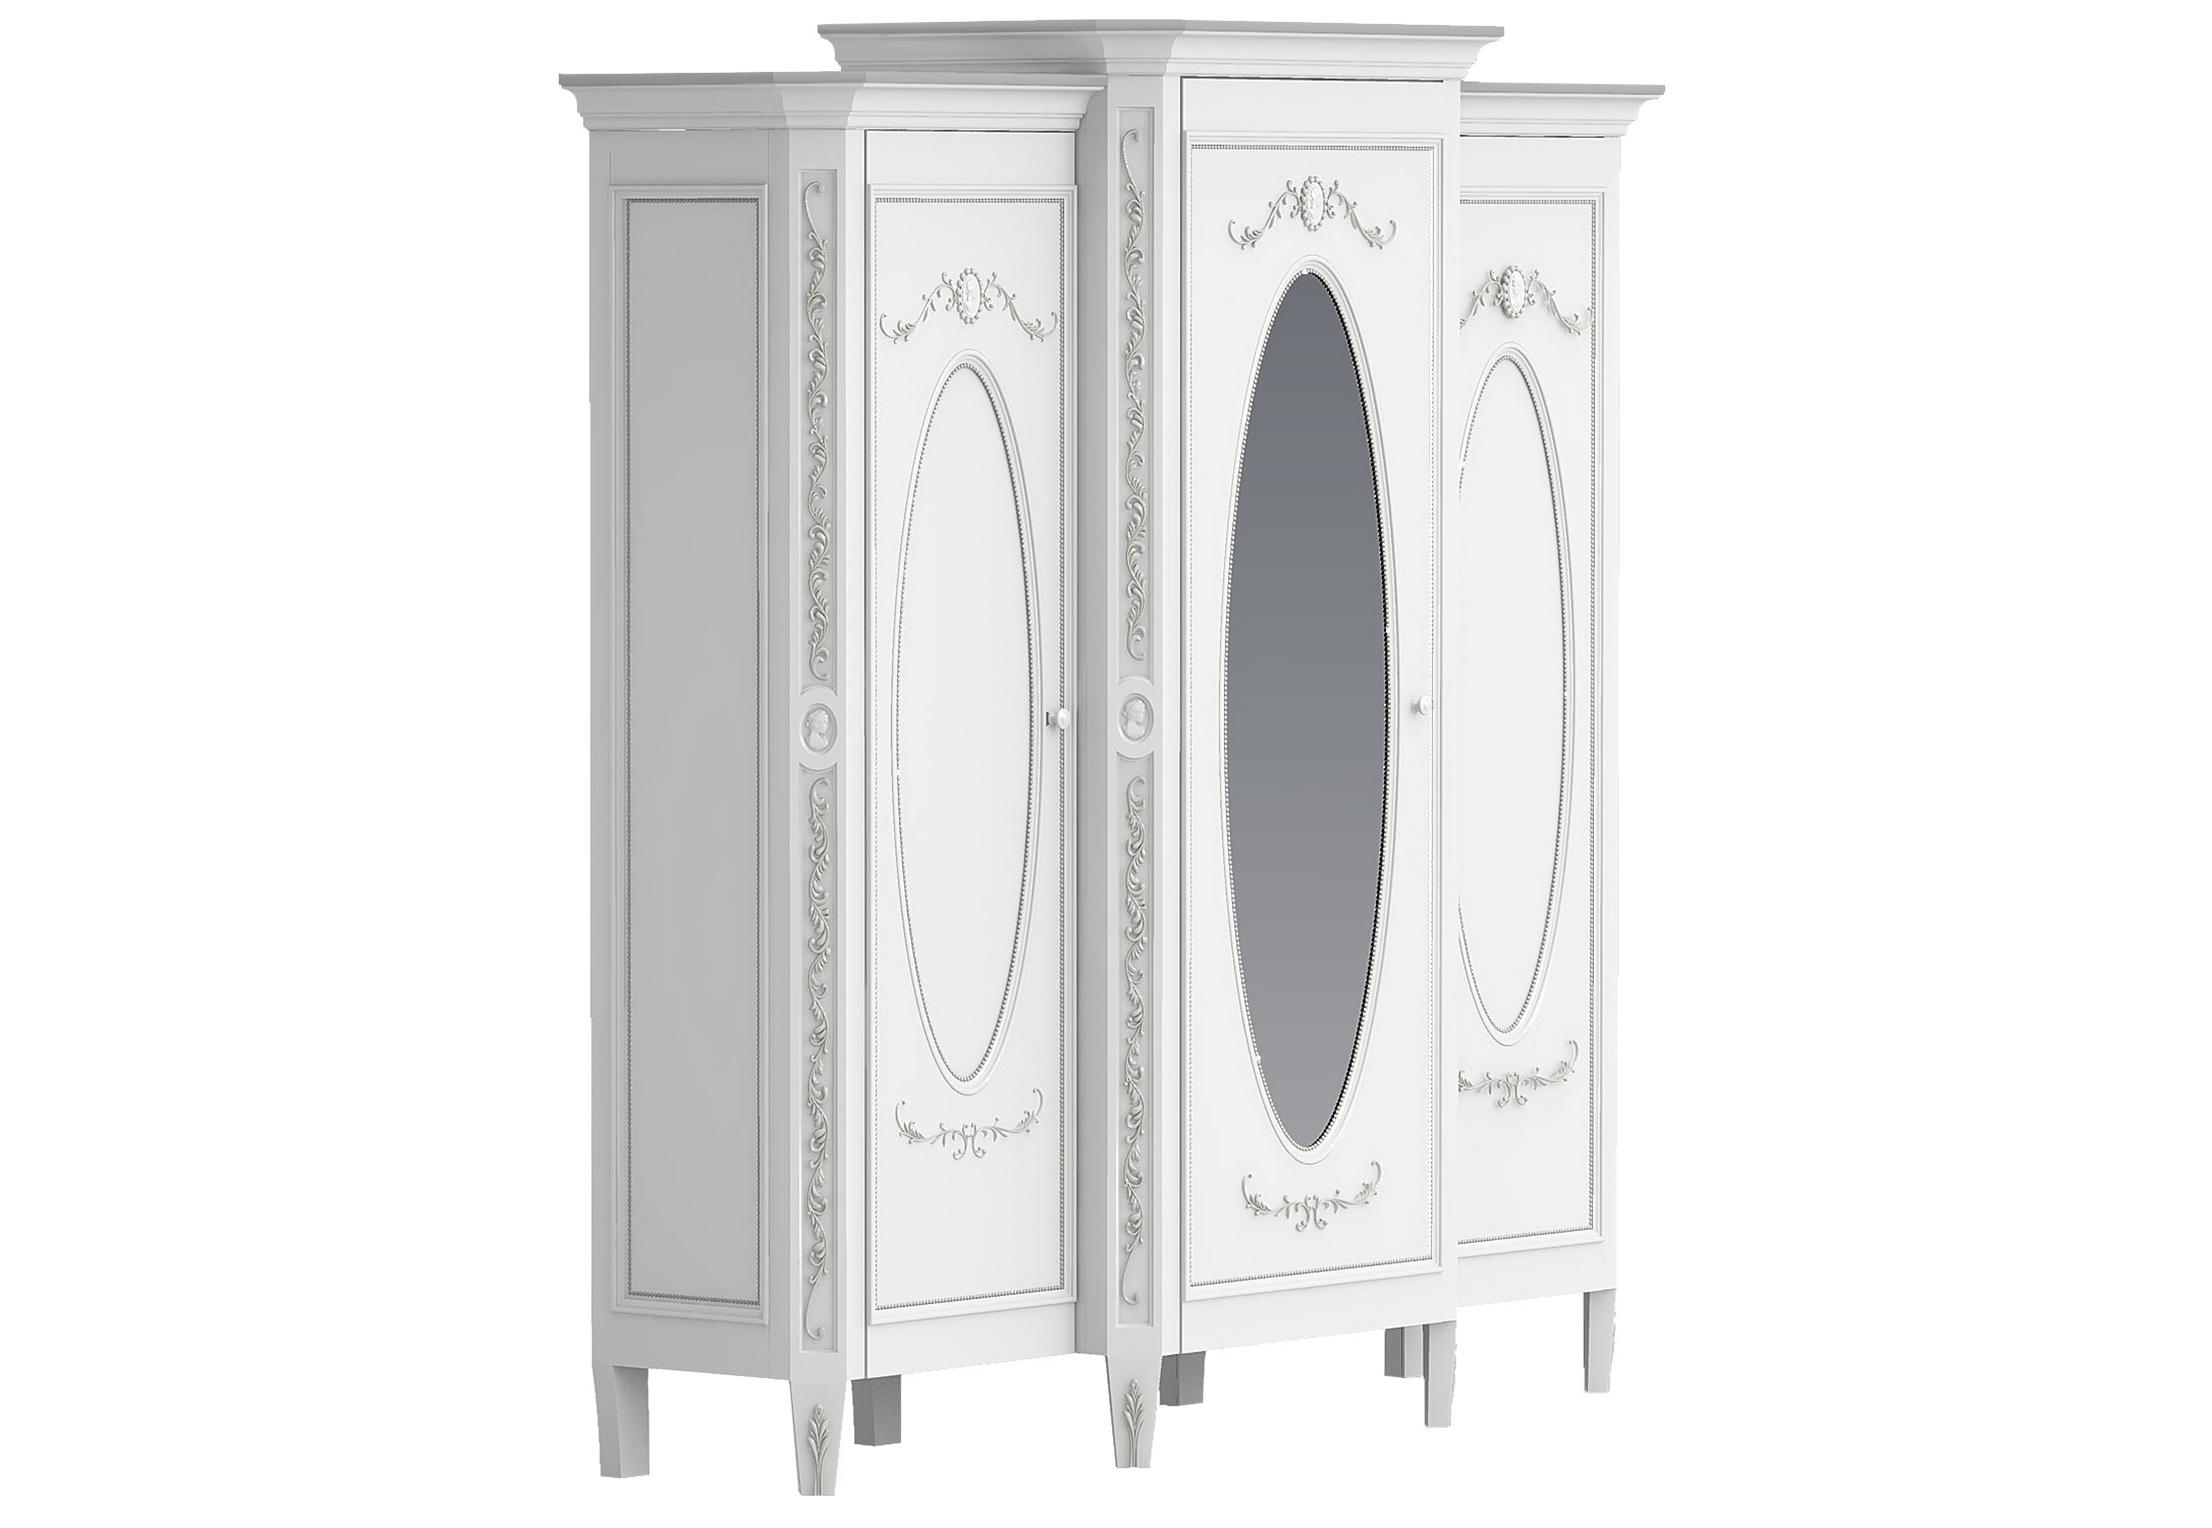 Шкаф платяной трехстворчатый с зеркалом БудуарПлатяные шкафы<br>Белая мебель для спальни коллекции &amp;quot;Будуар&amp;quot; - классическая мебель стиля Барокко, воплотившая в себе женственность, красоту и нежность дамских будуаров XVIII века. Узоры из жемчужин, цветов и камей - все это объединяет в себе тонкий лепной бордюр, искусно украшающий белую мебель, а легкое патинирование придает ему оттенок времени и неповторимого шика.<br><br>Material: Бук<br>Length см: 0<br>Width см: 215.2<br>Depth см: 62<br>Height см: 210<br>Diameter см: 0